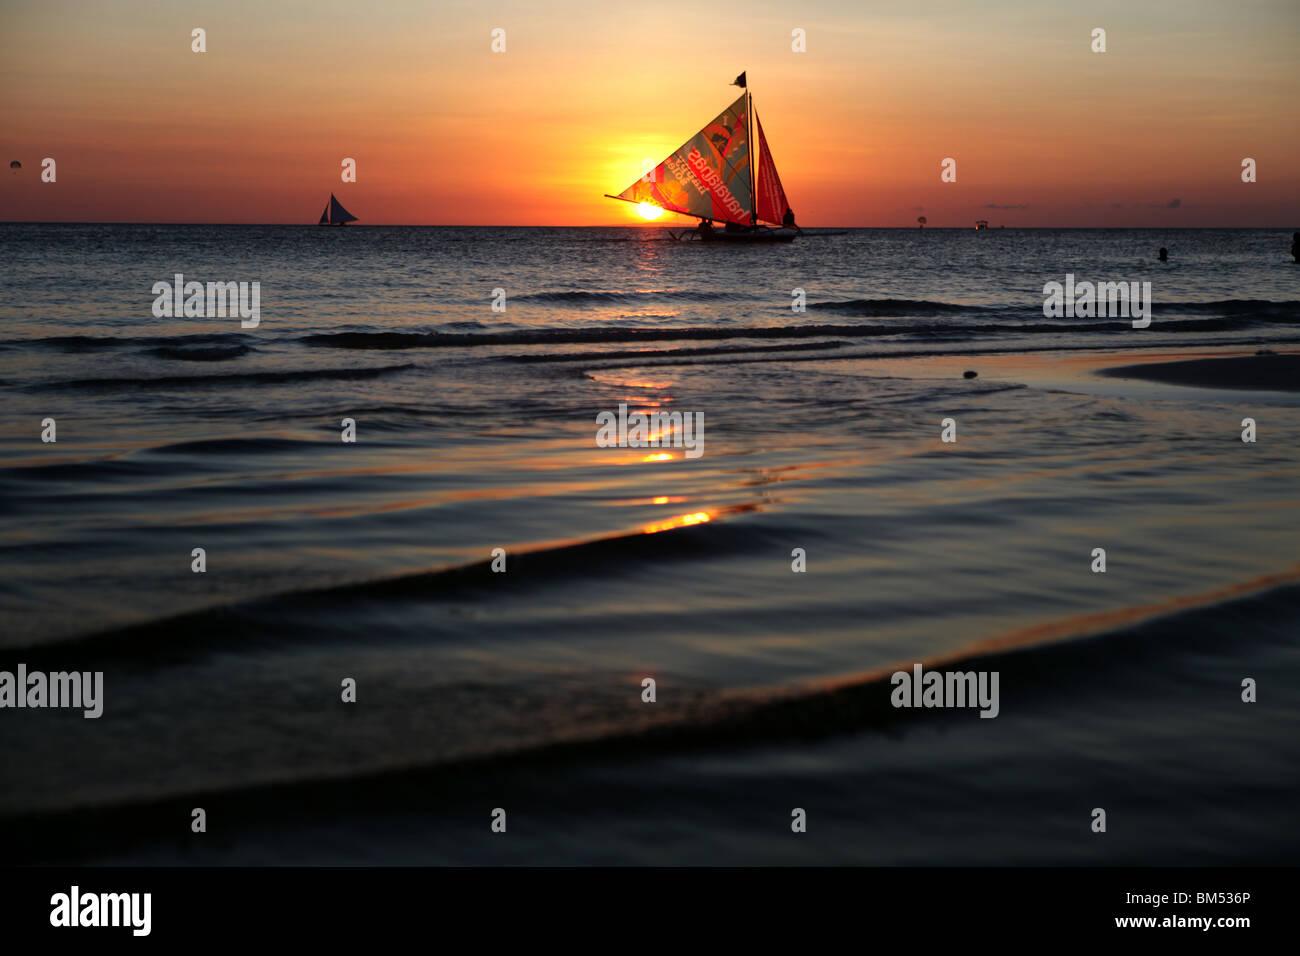 Un bote de vela pasa el atardecer en la Playa Blanca, Boracay, el destino turístico más famoso en Filipinas. Imagen De Stock